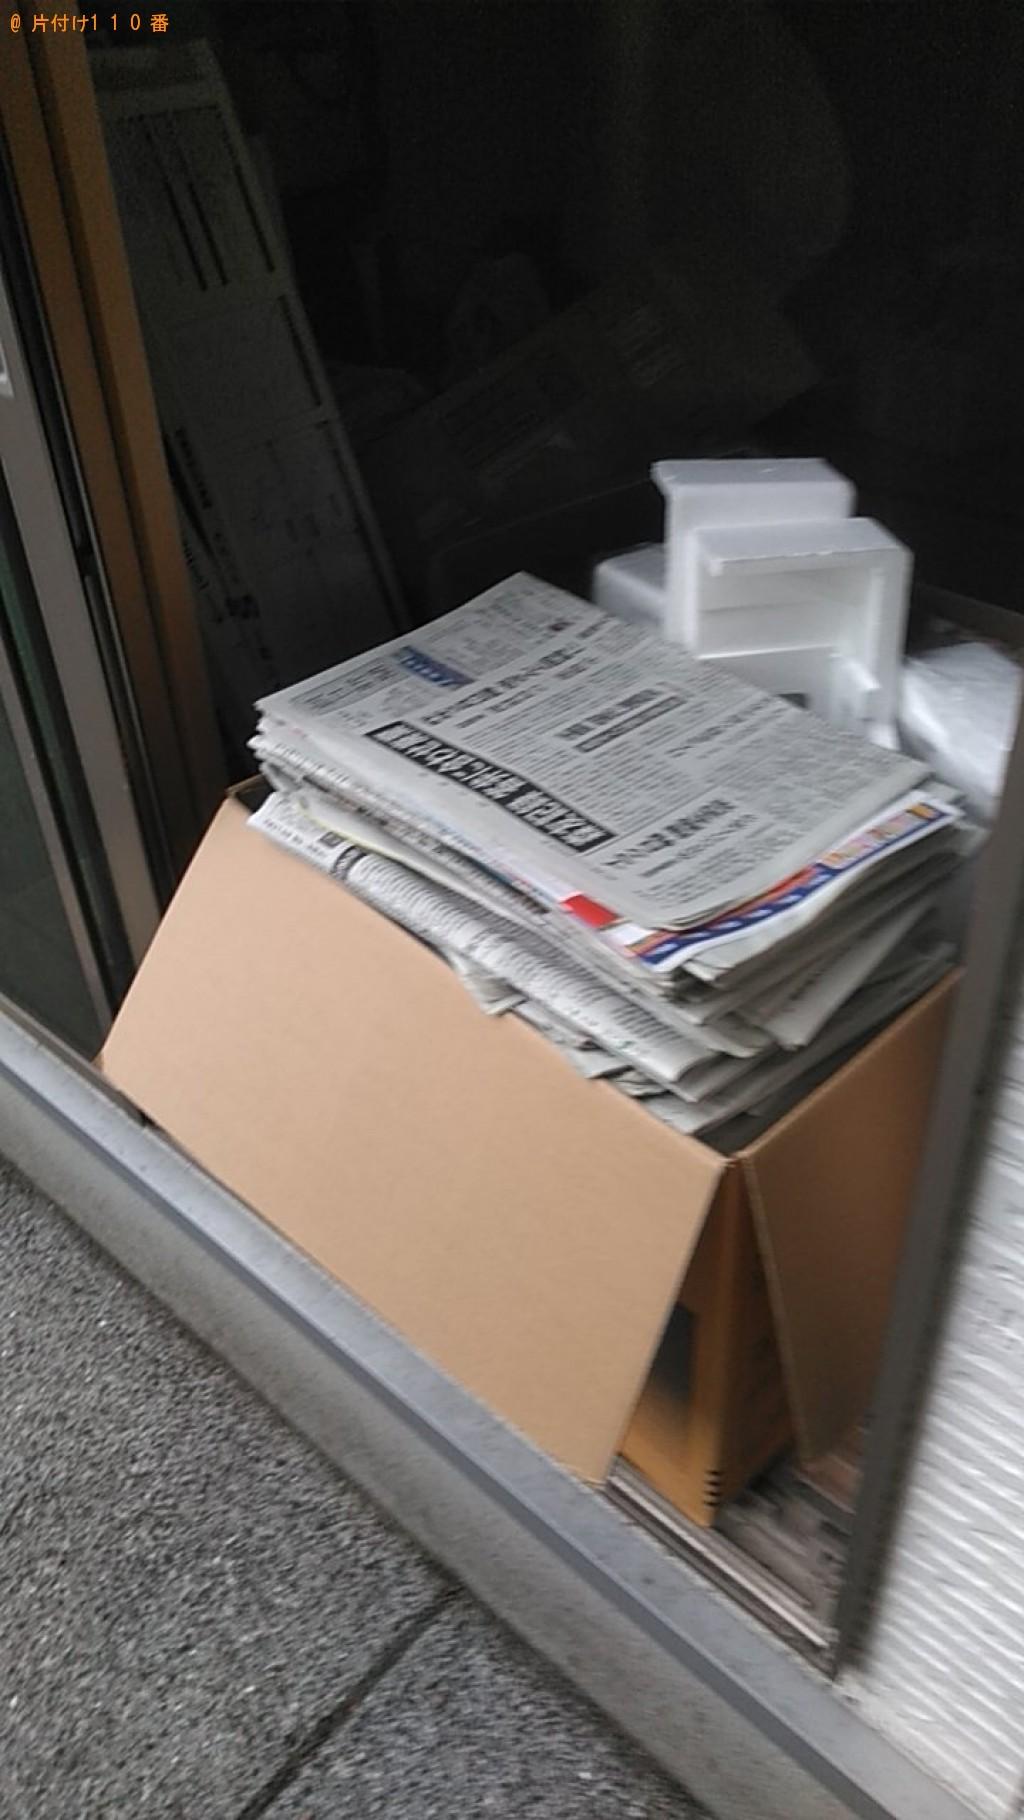 【鬼北町】古紙、ダンボール、衣類の回収・処分 お客様の声